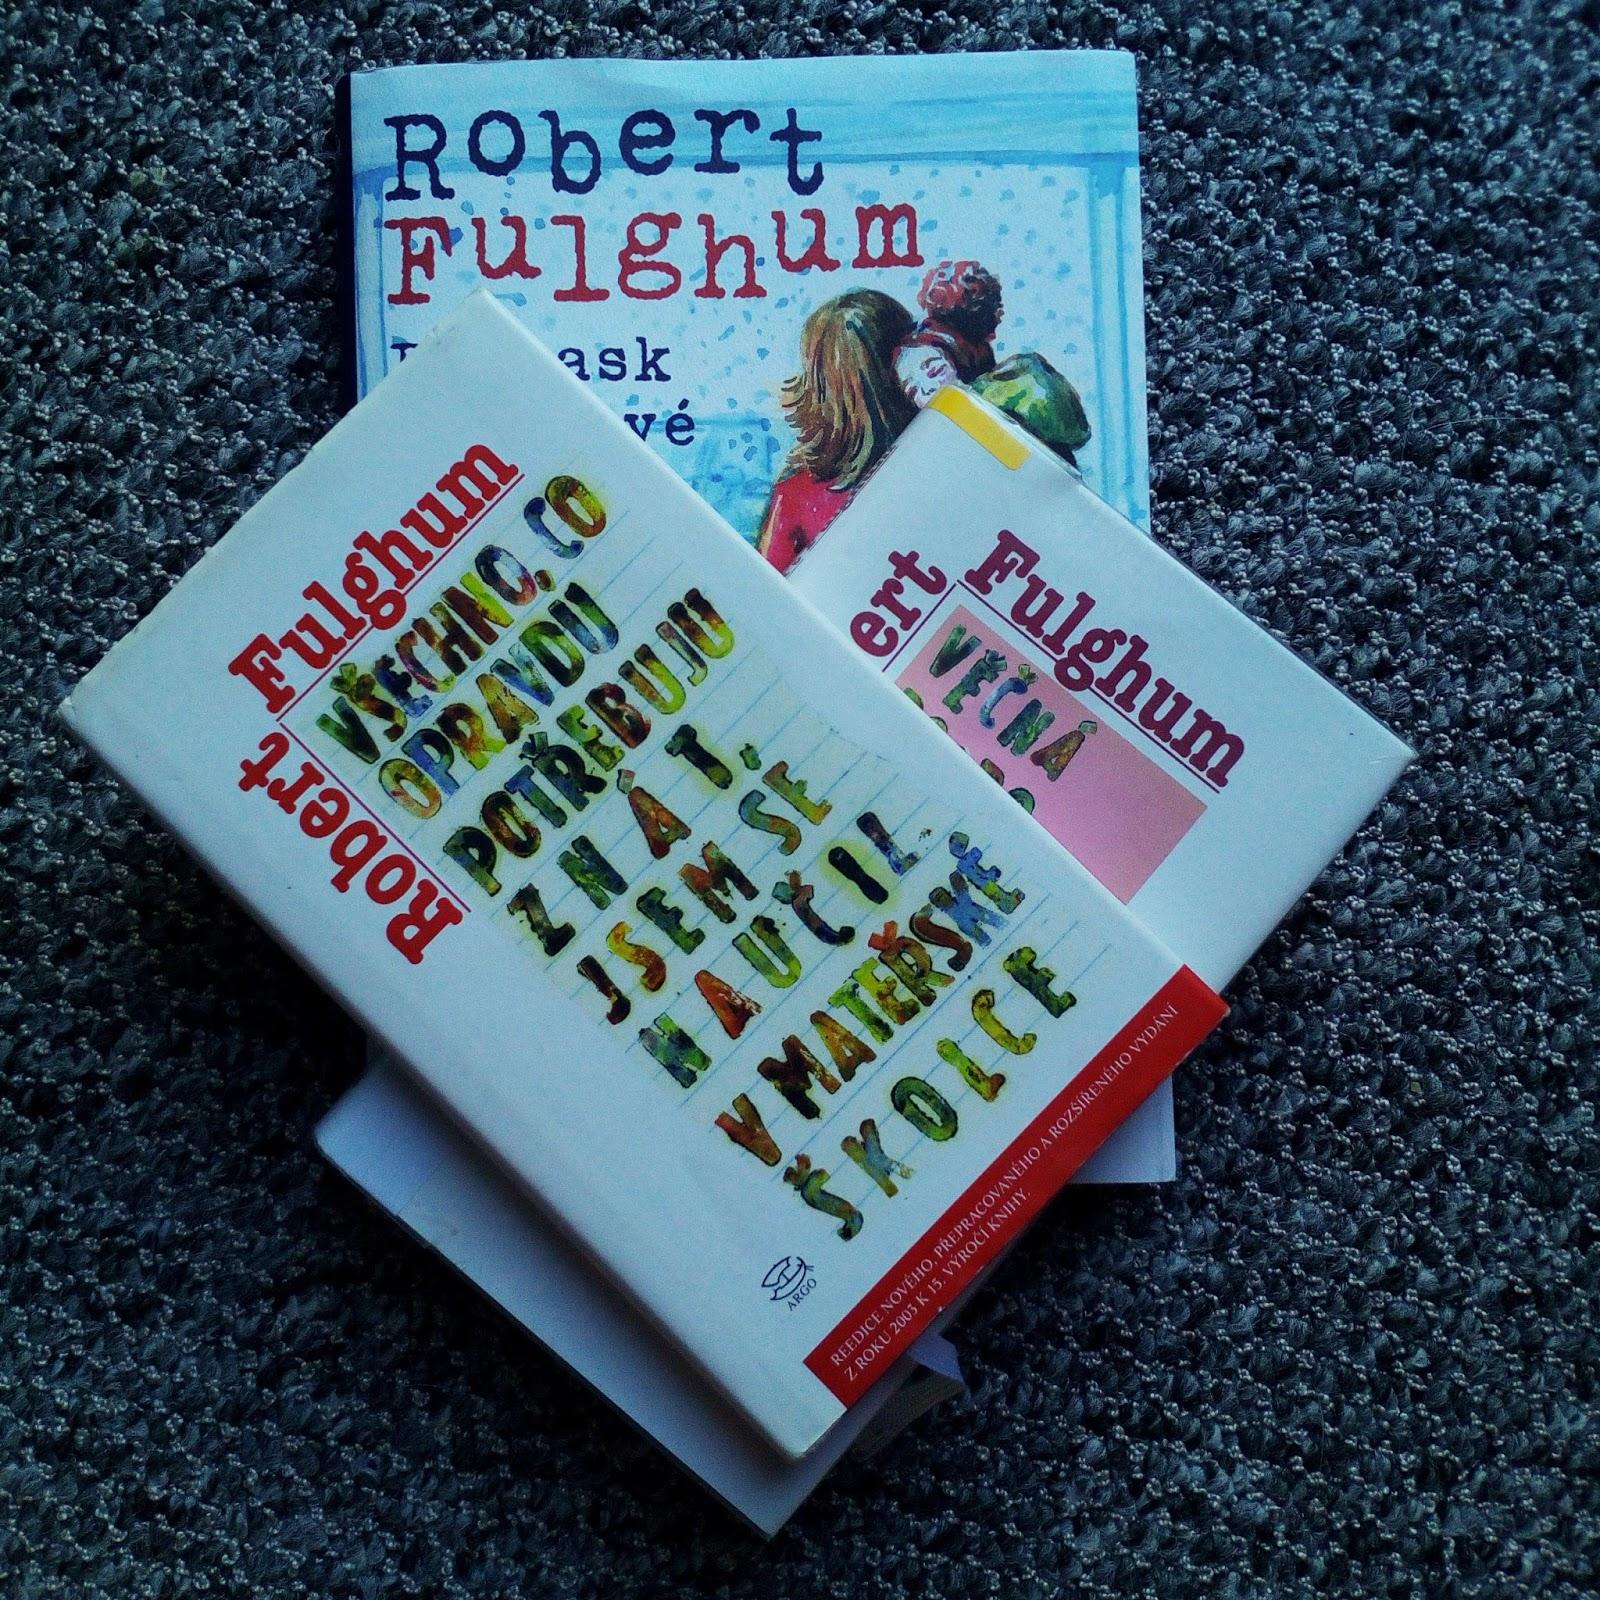 Robert Fulghum kniha Poprask v sýrové uličce, Všechno co opravdu potřebuji znát jsem se naučil v mateřské školce